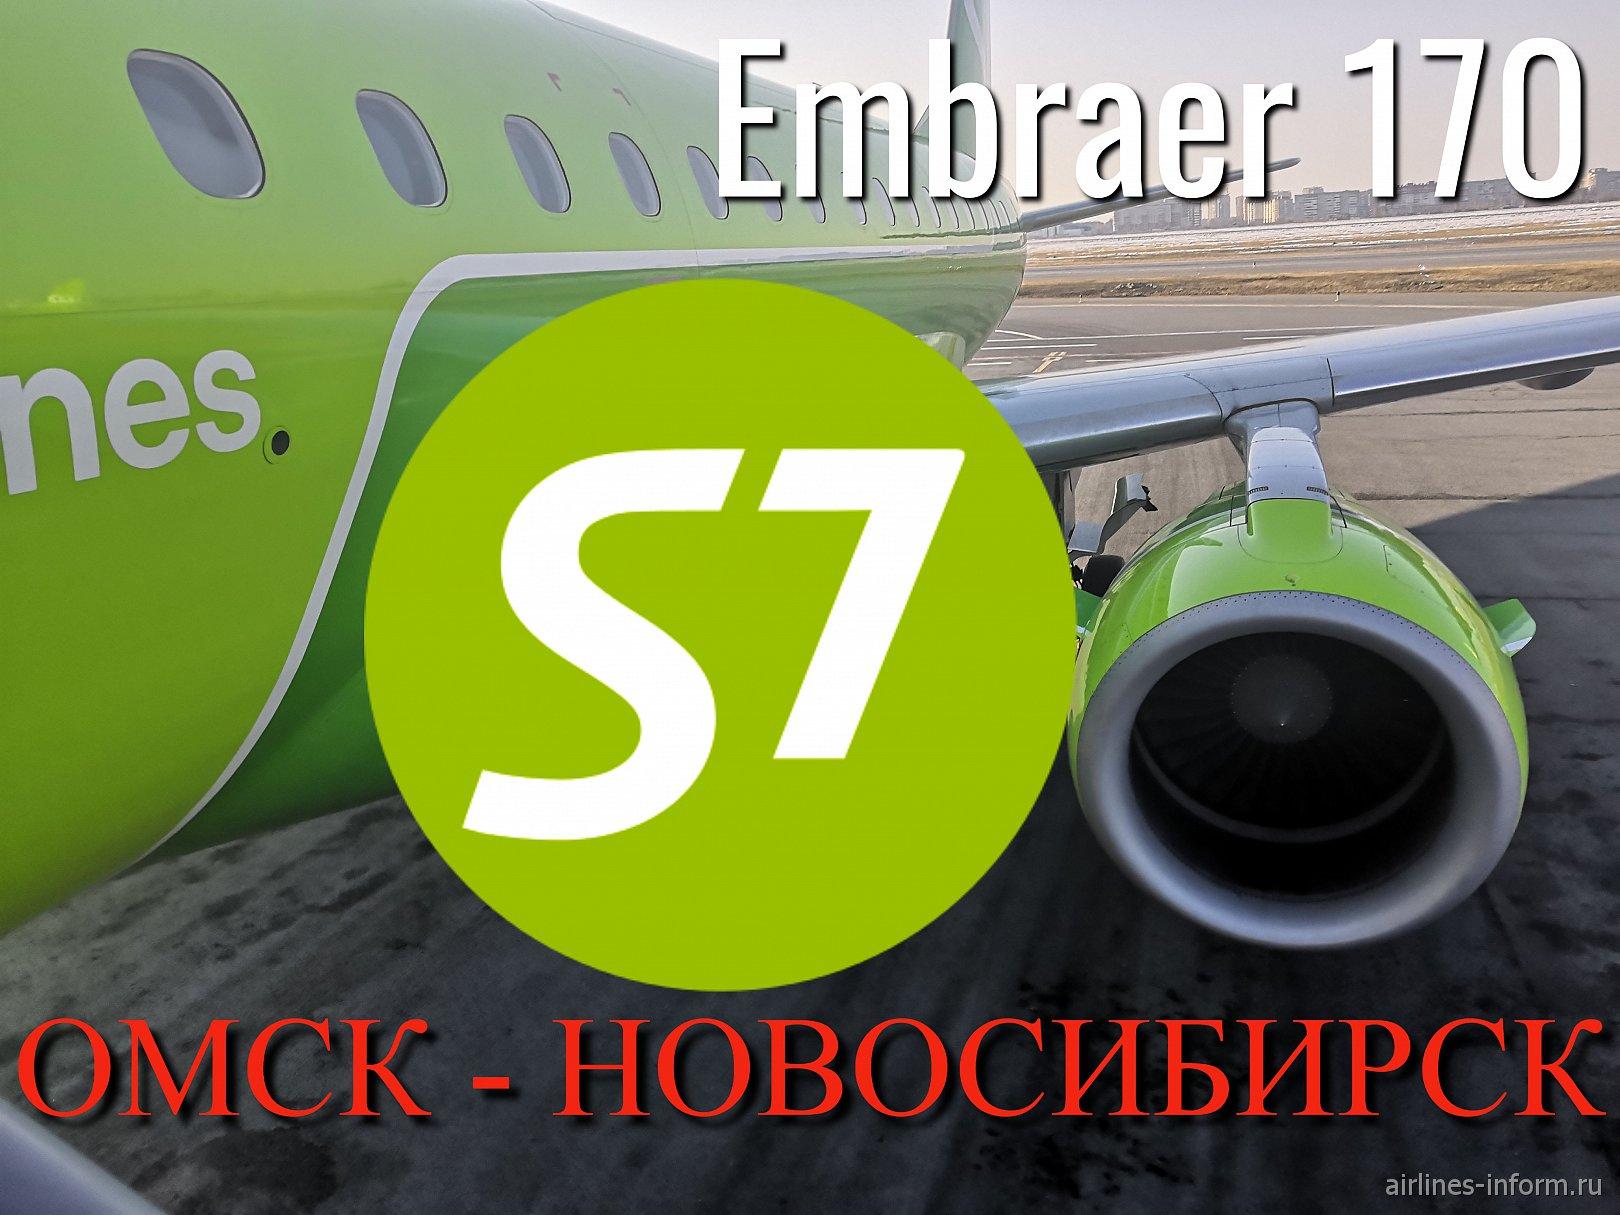 S7 из Омска в Новосибирск